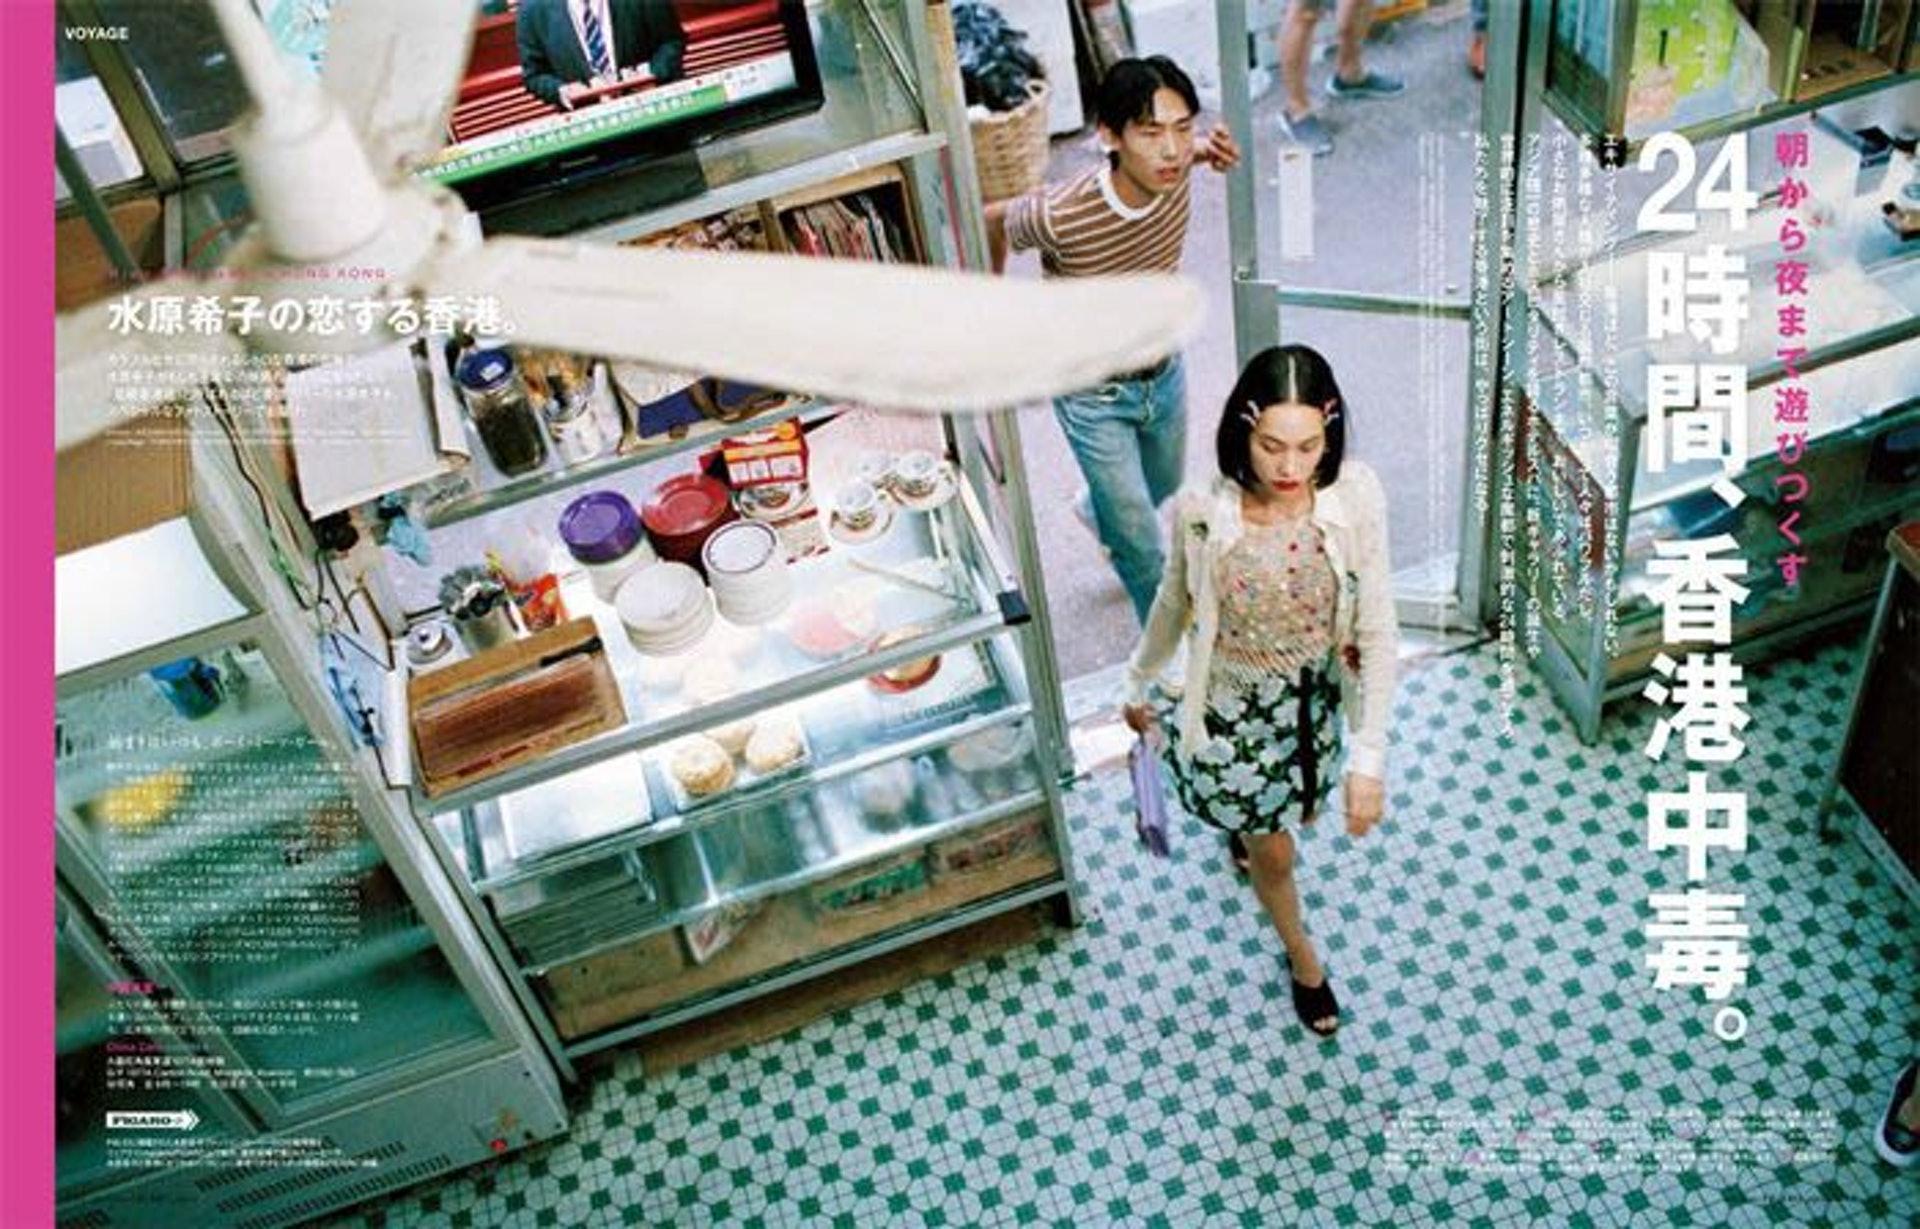 「24時間、香港中毒」的相片。除了拍攝造型,亦有介紹本土香港的食物、景點等等。